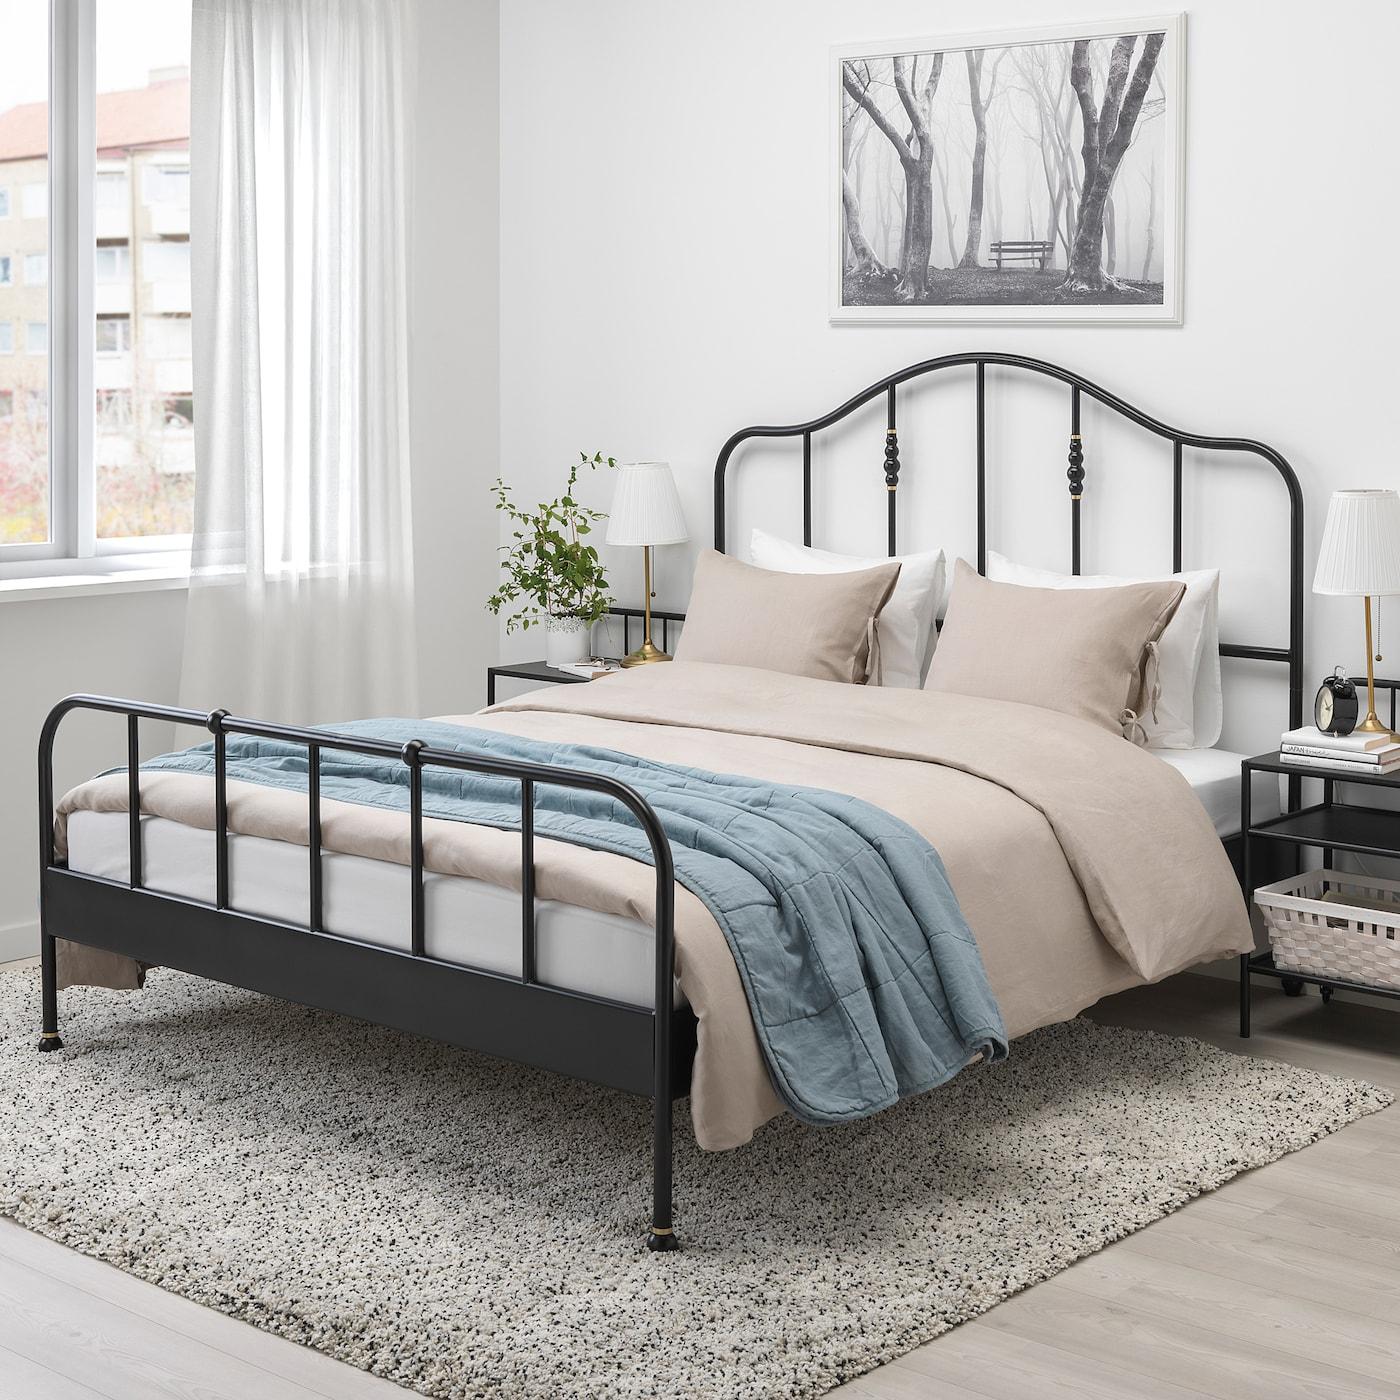 Sagstua Cadre De Lit - Noir, Leirsund 160X200 Cm tout Lit Fer Forgé Ikea